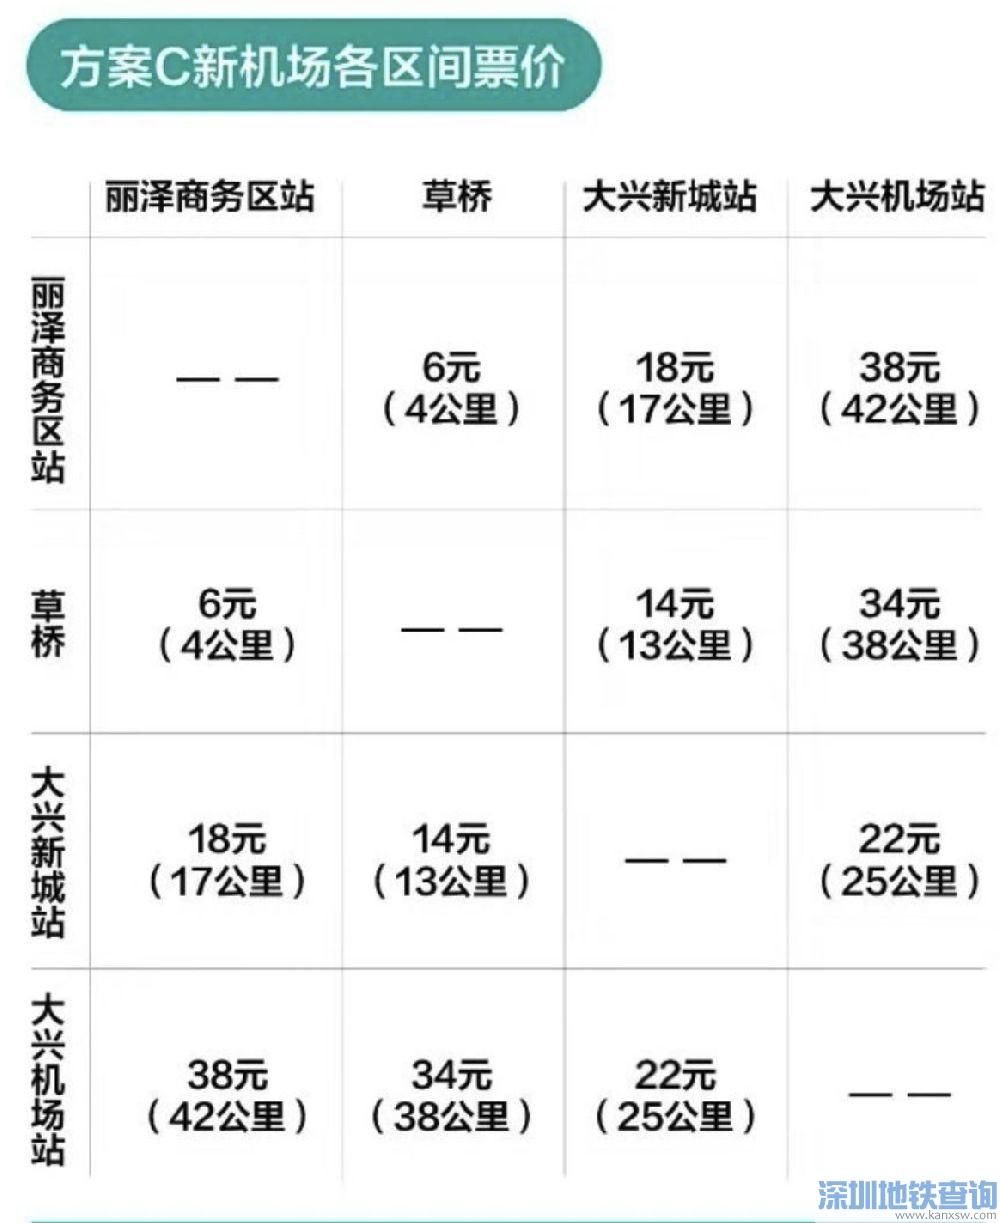 北京地铁新机场线票价多少钱?征求意见时间方式公布